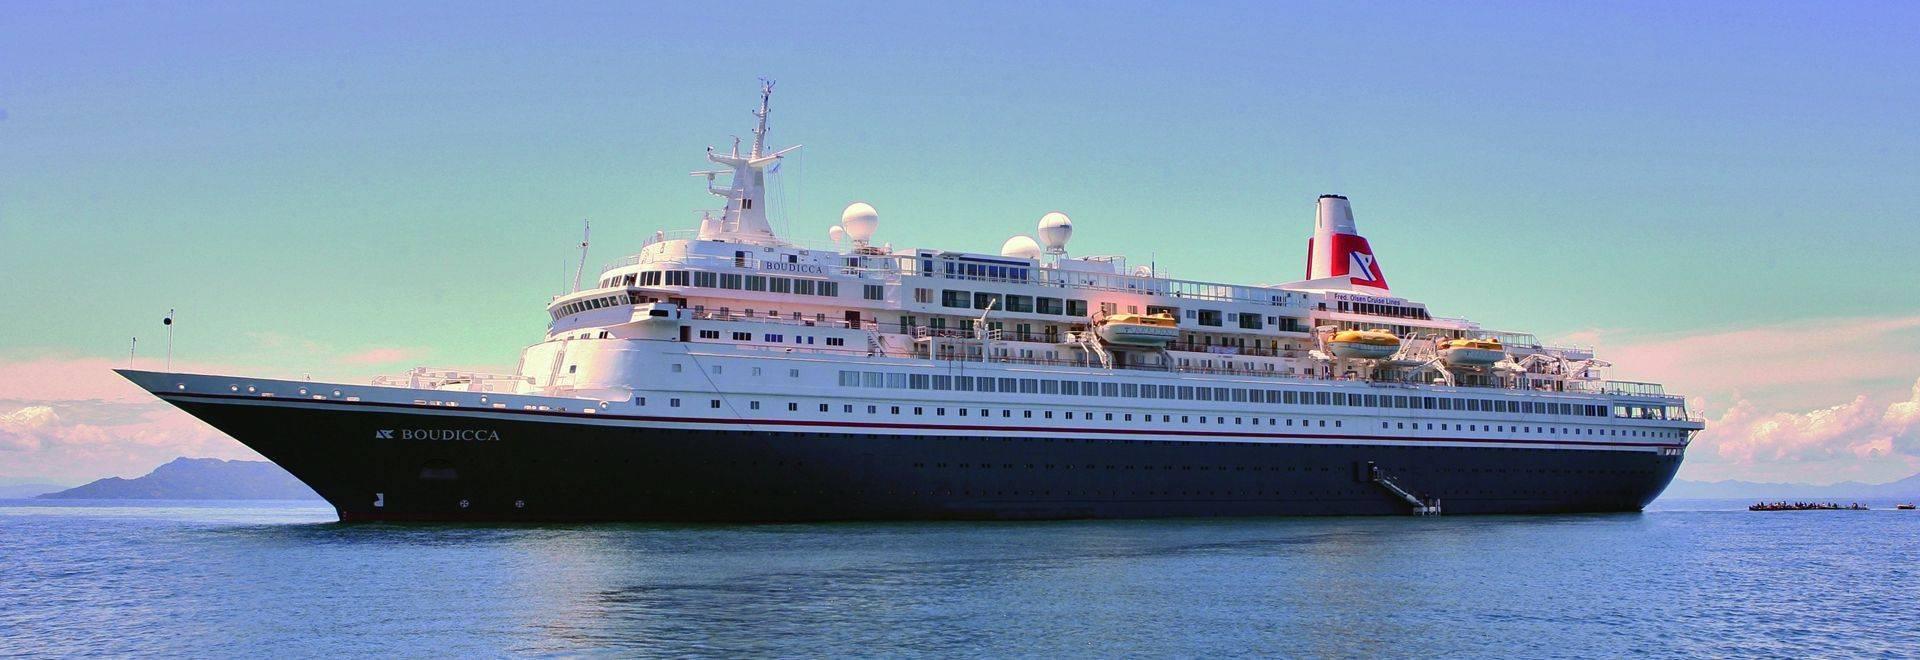 Boudicca at sea, tender